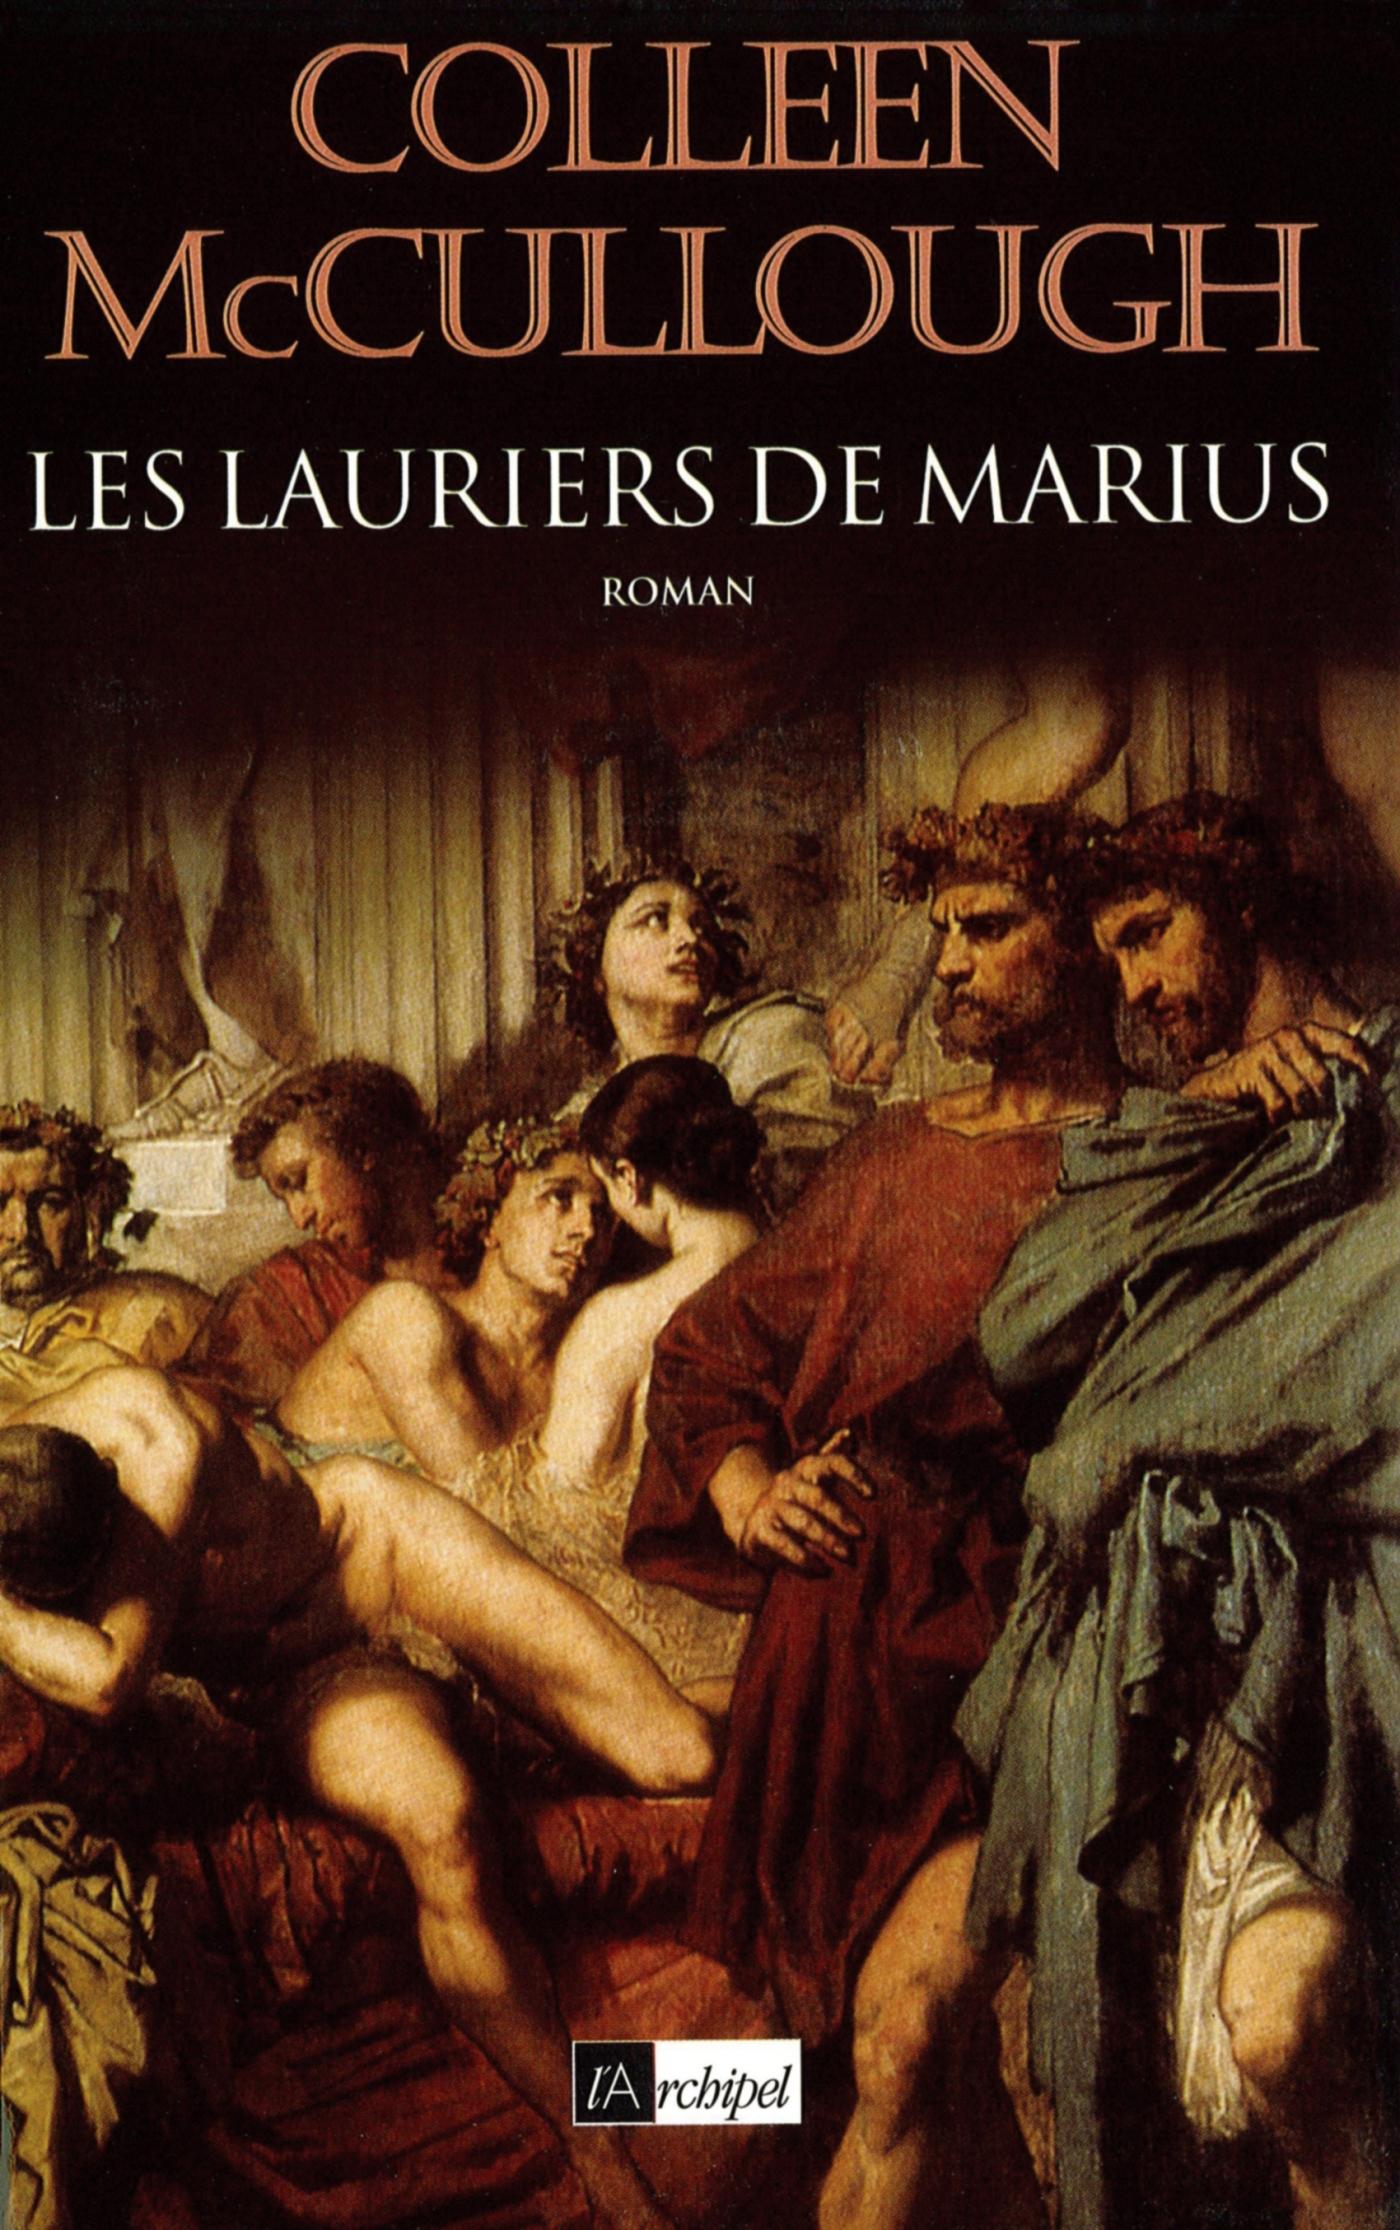 LES LAURIERS DE MARIUS